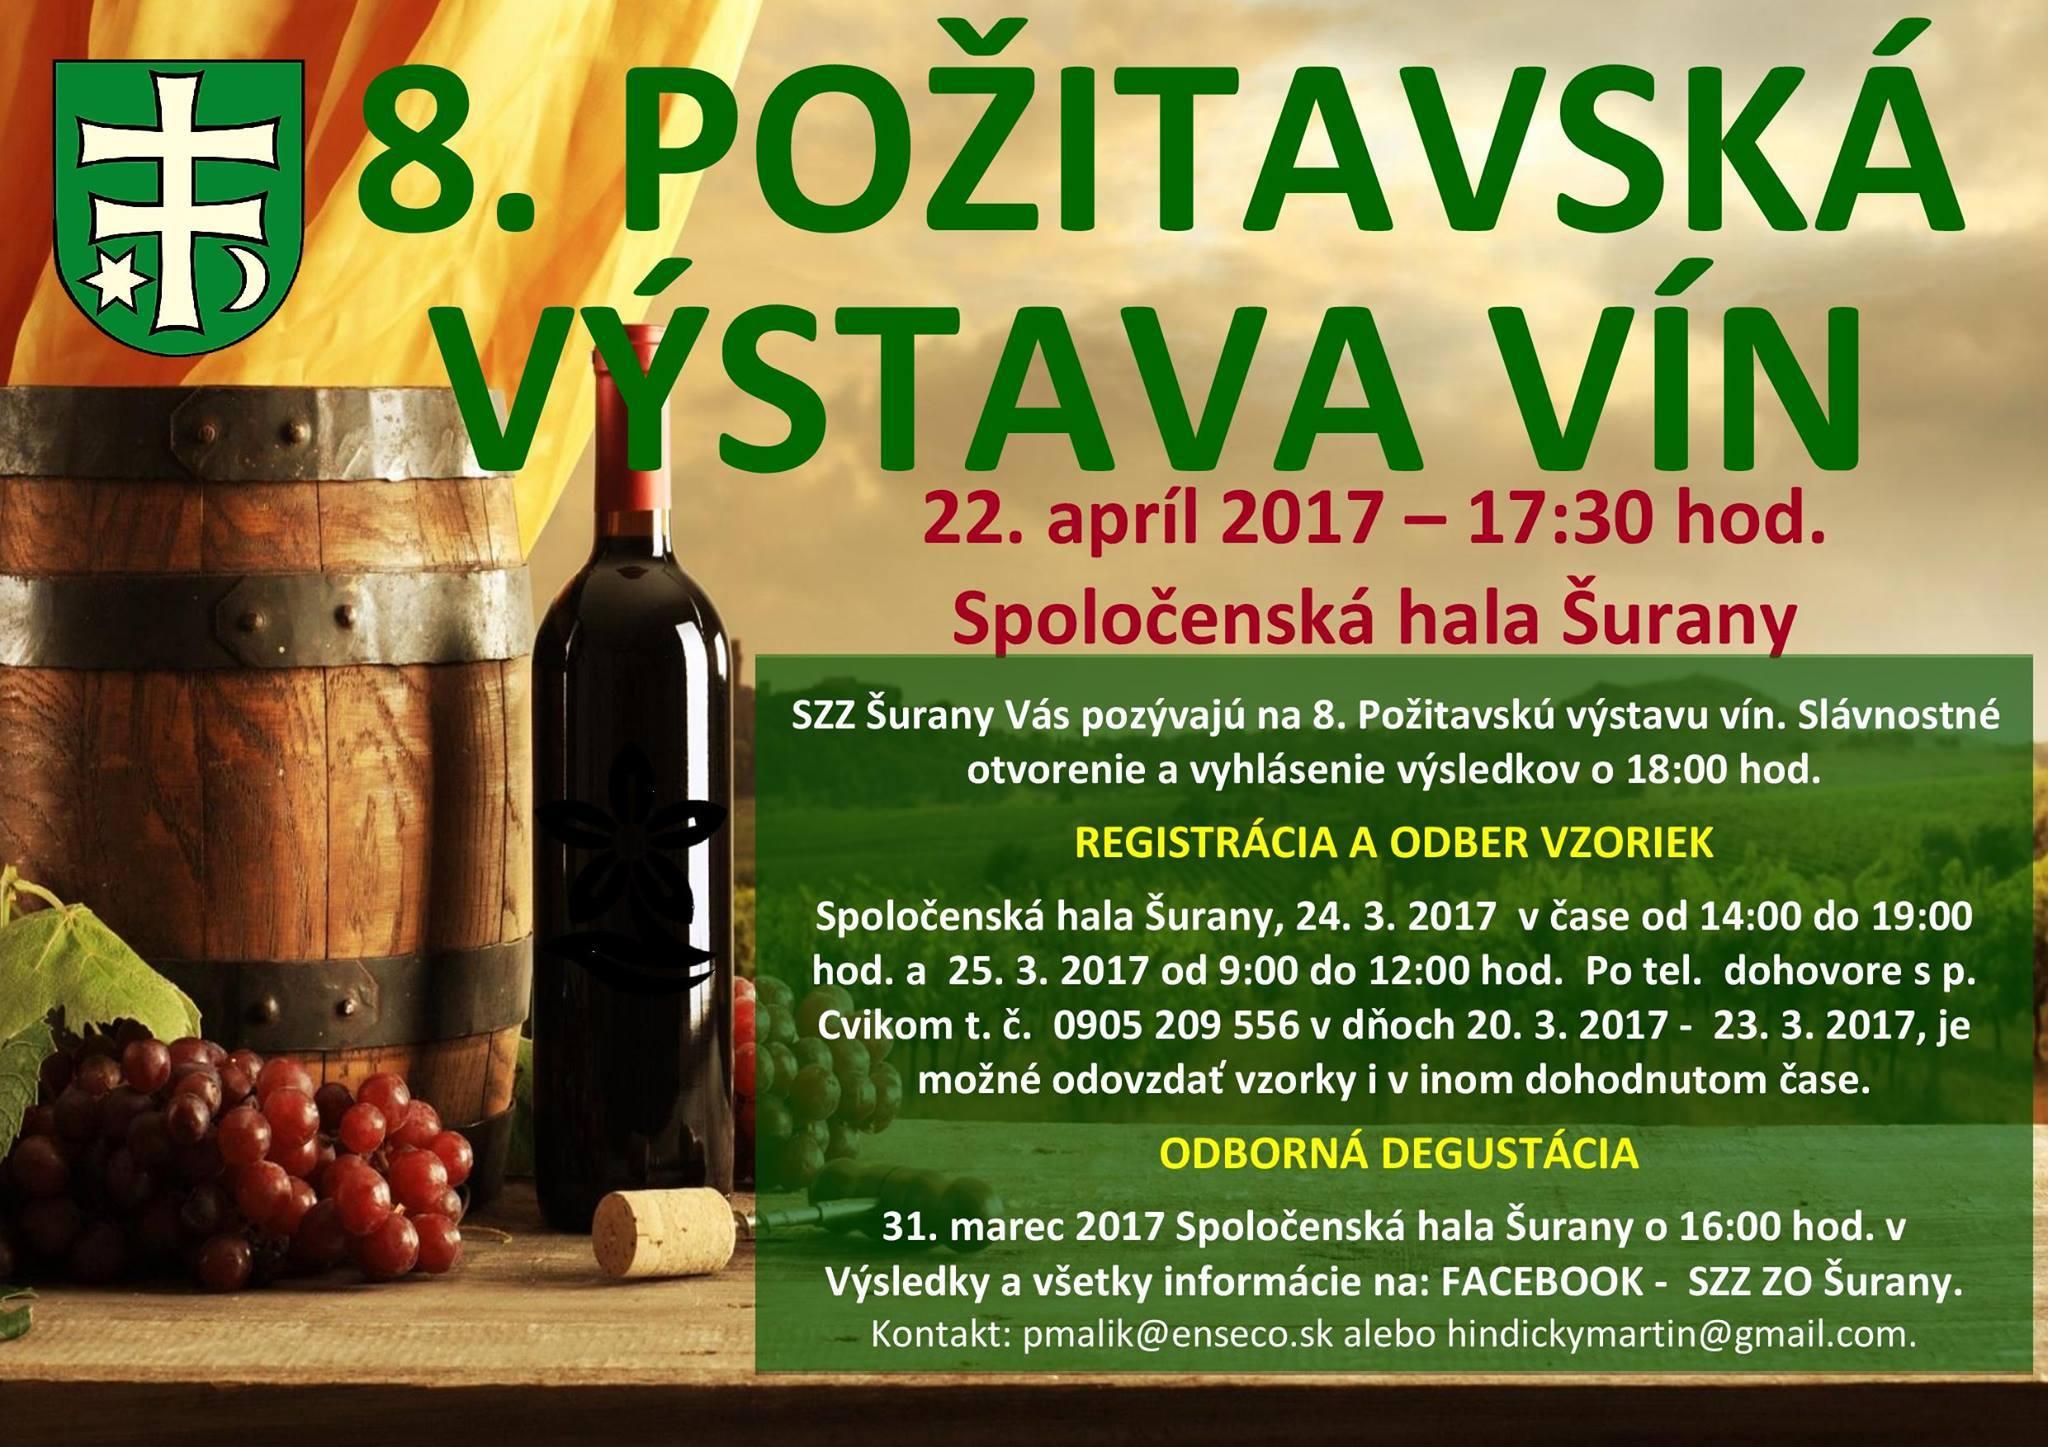 8. Požitavská výstava vín 2017